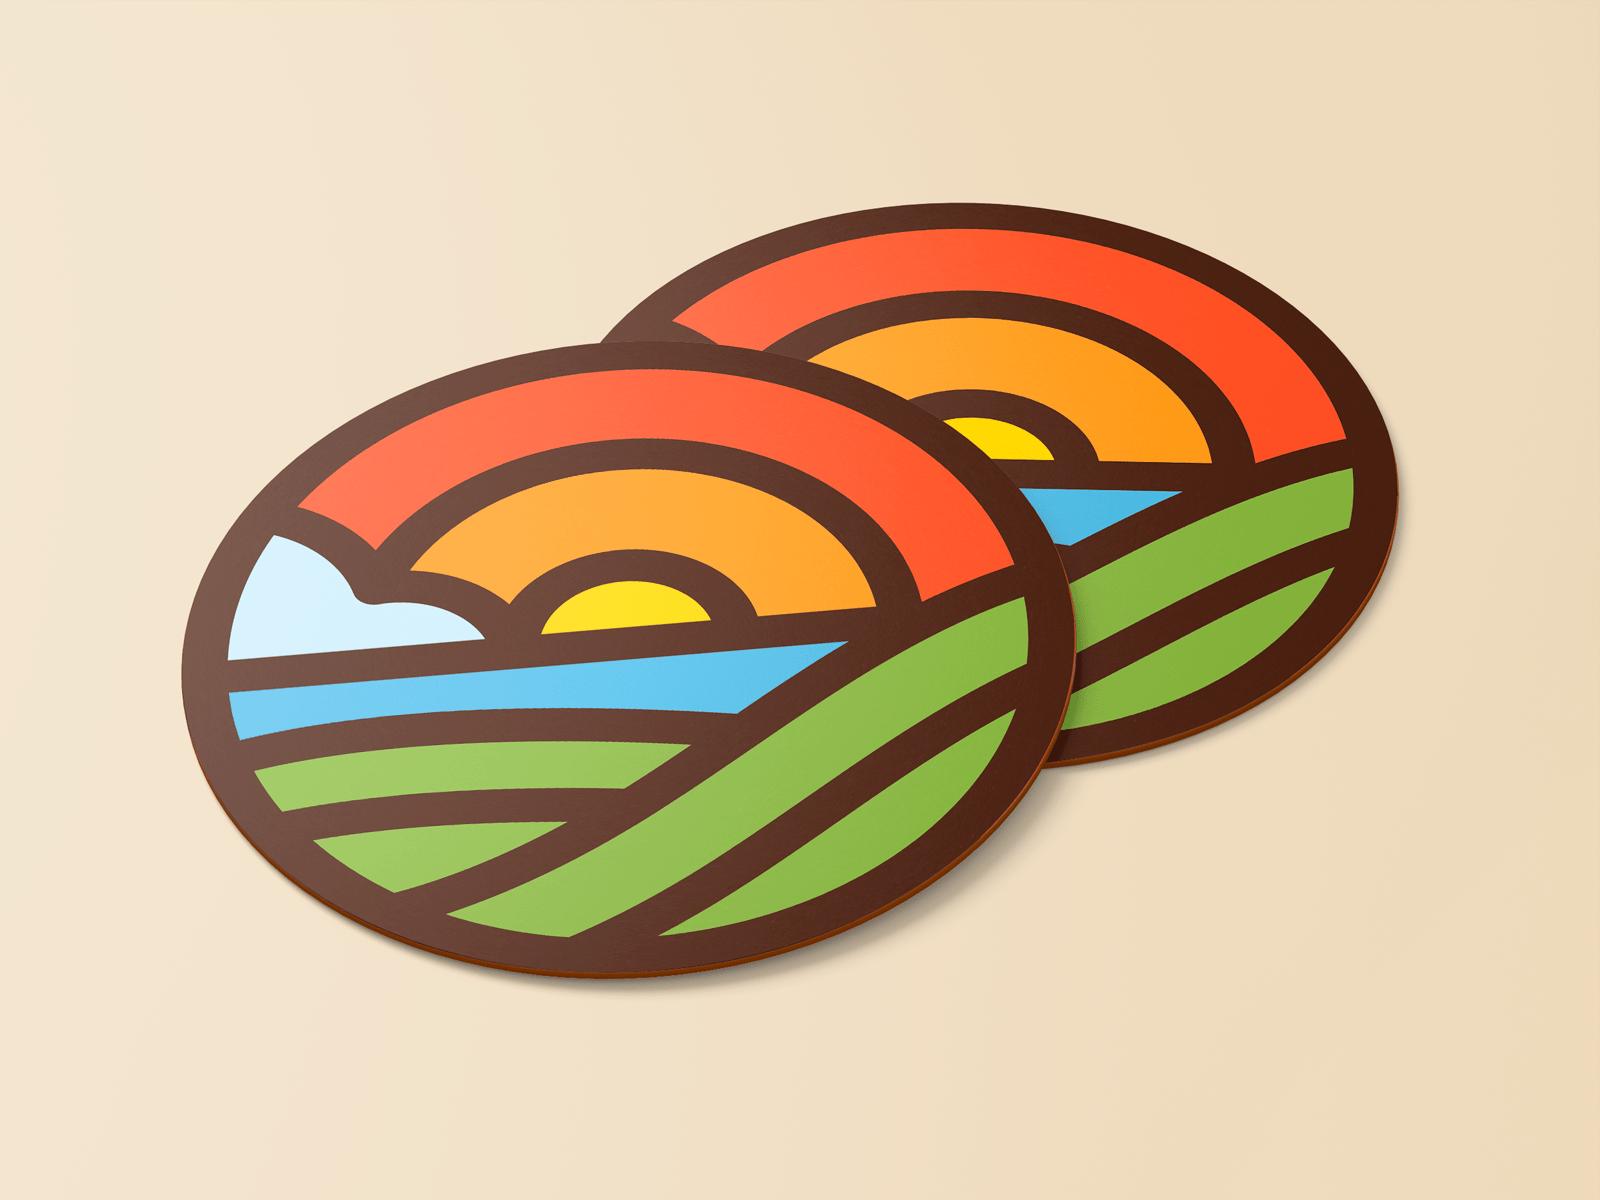 L'Hort d'Aigua-Oliva,, diseño de logo, marca, identidad corporativa,, Diseño de logotipo corporativo aplicado a steakers